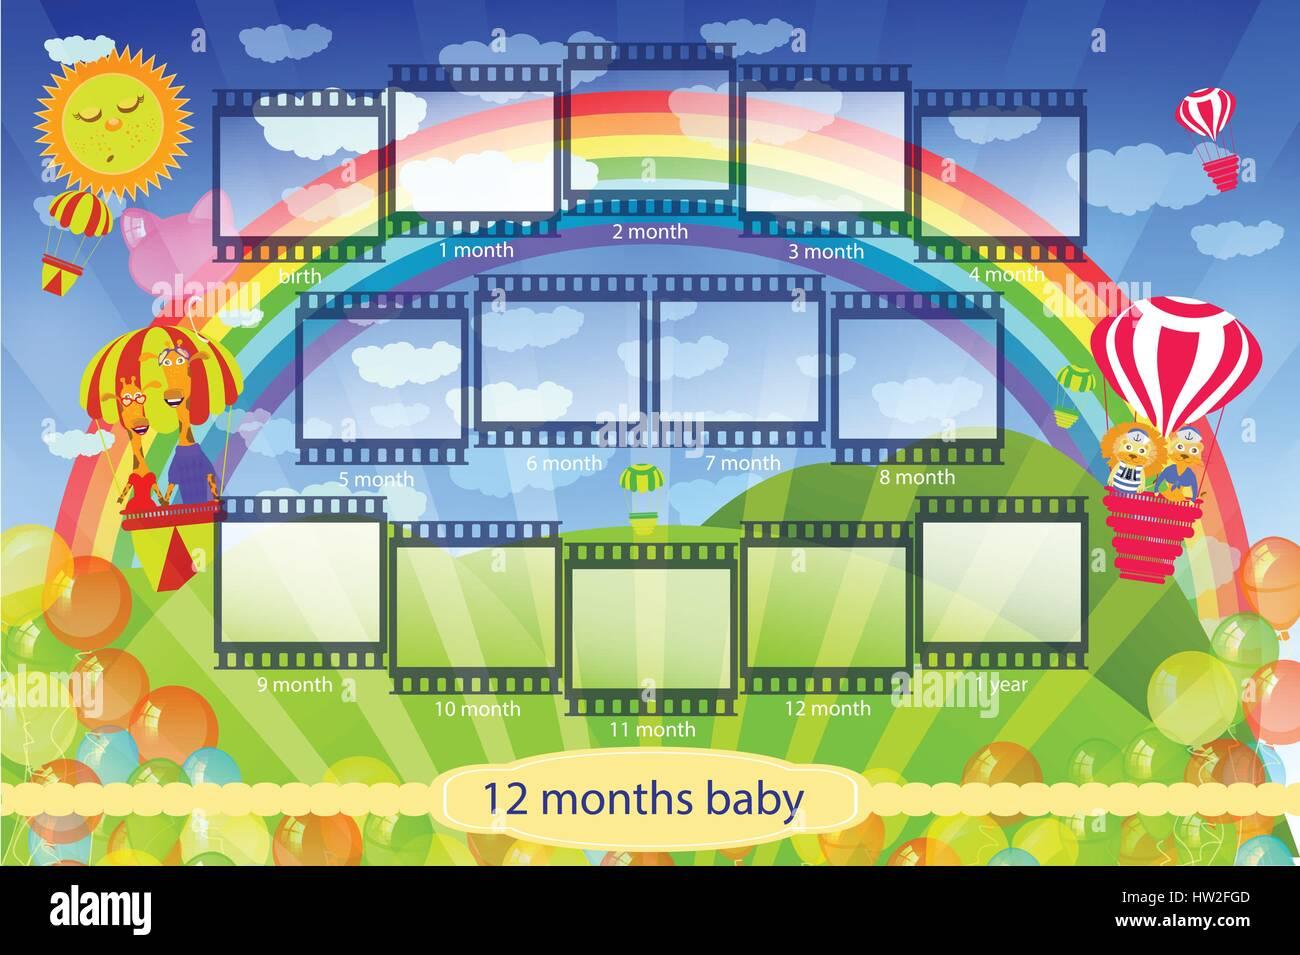 Rahmen für das Kind. Mein erstes Jahr des Lebens. 12 Monate der ...